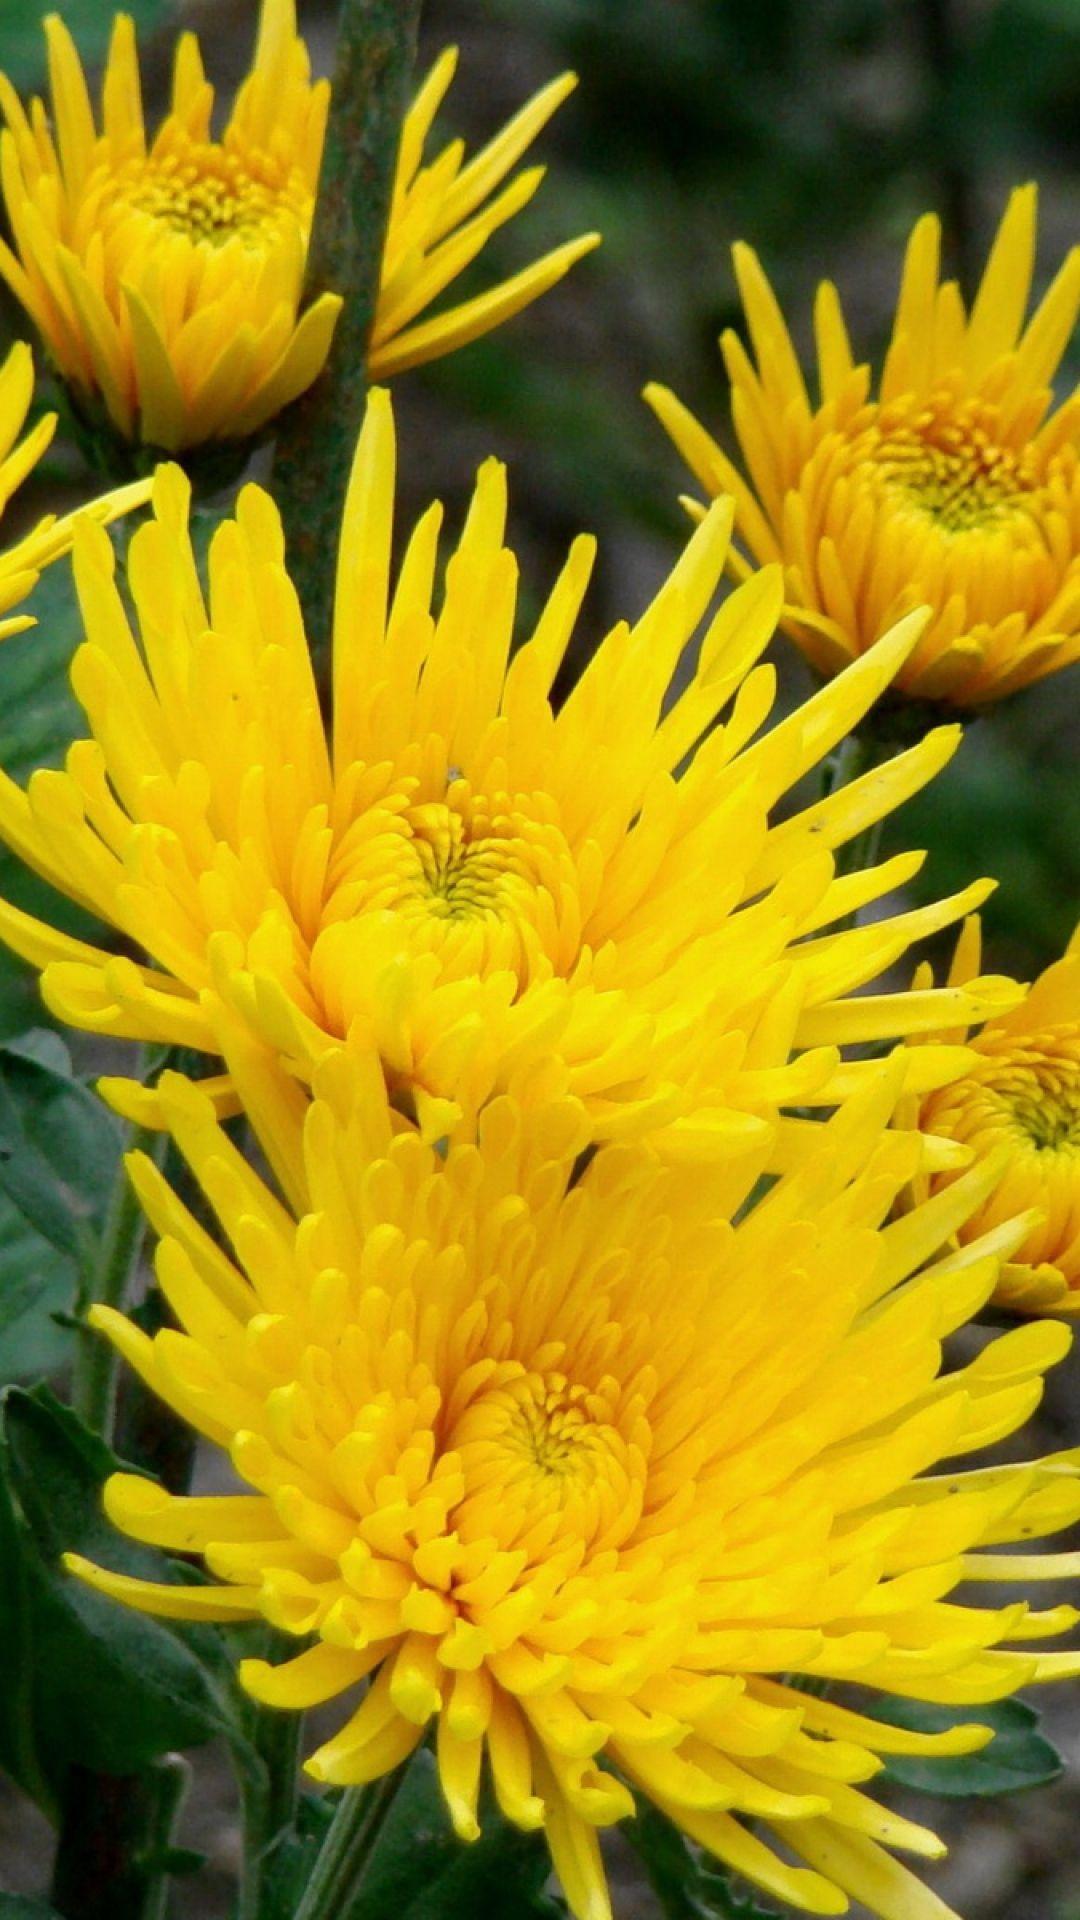 Chrysanthemums flowers yellow closeup krizantémok őszirózsák